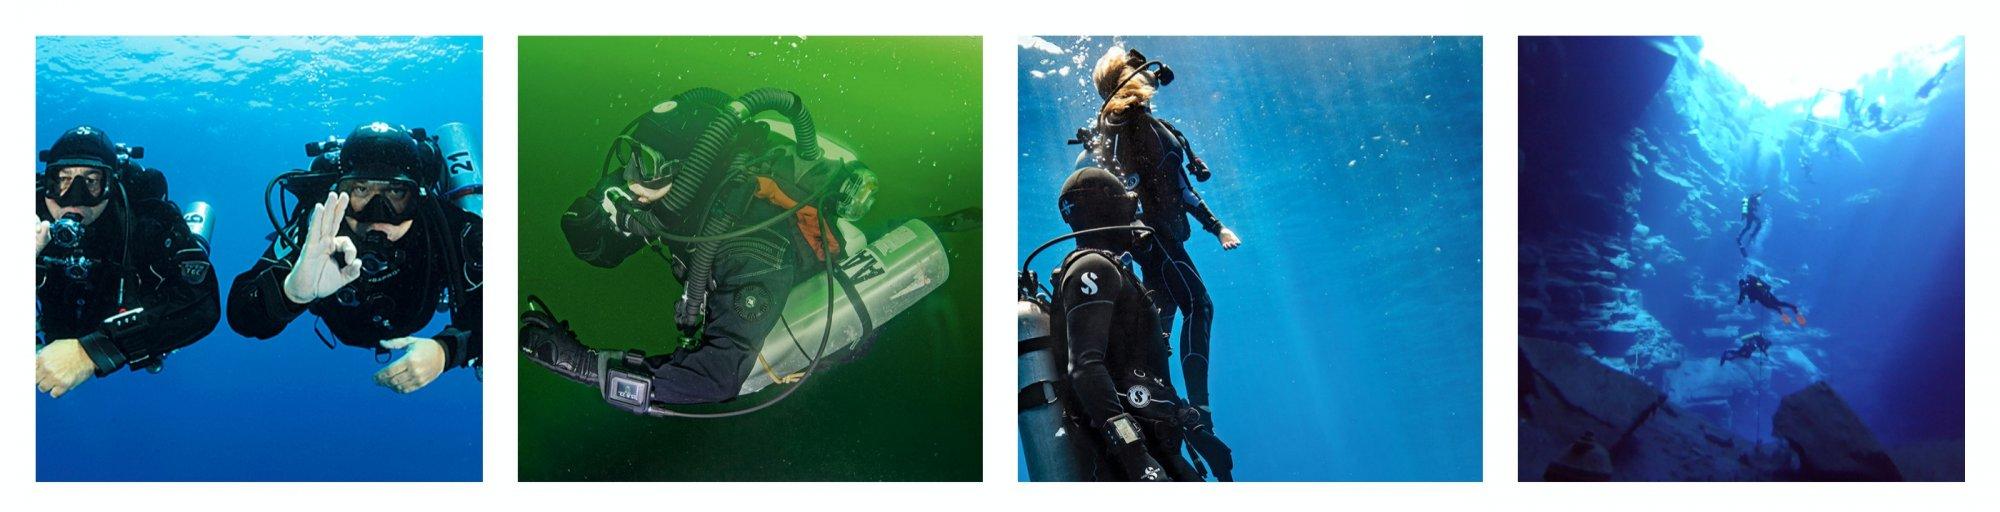 Classes technical diving xflitez Choice Image